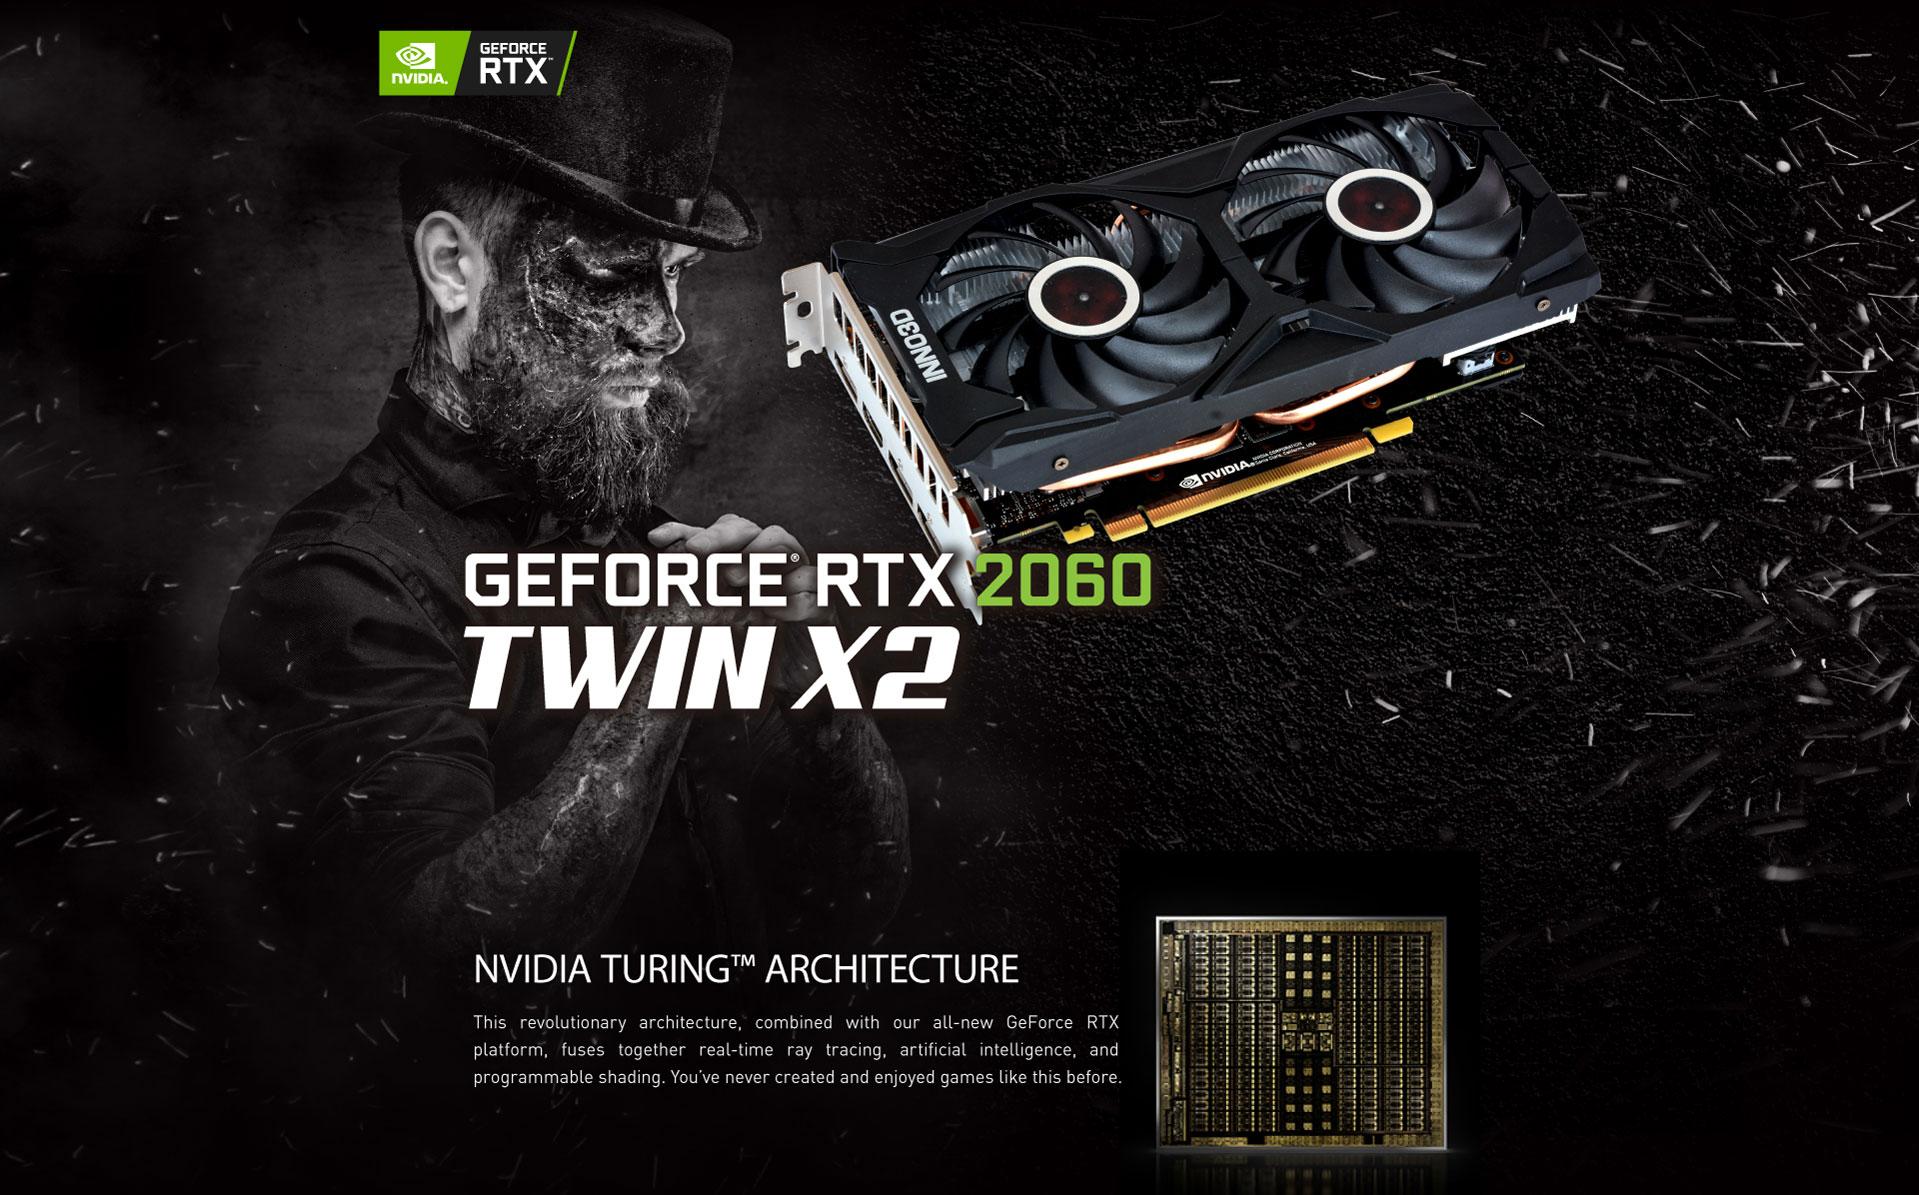 2060_Twin_X2_VA15L_1920w_01.jpg (409 KB)